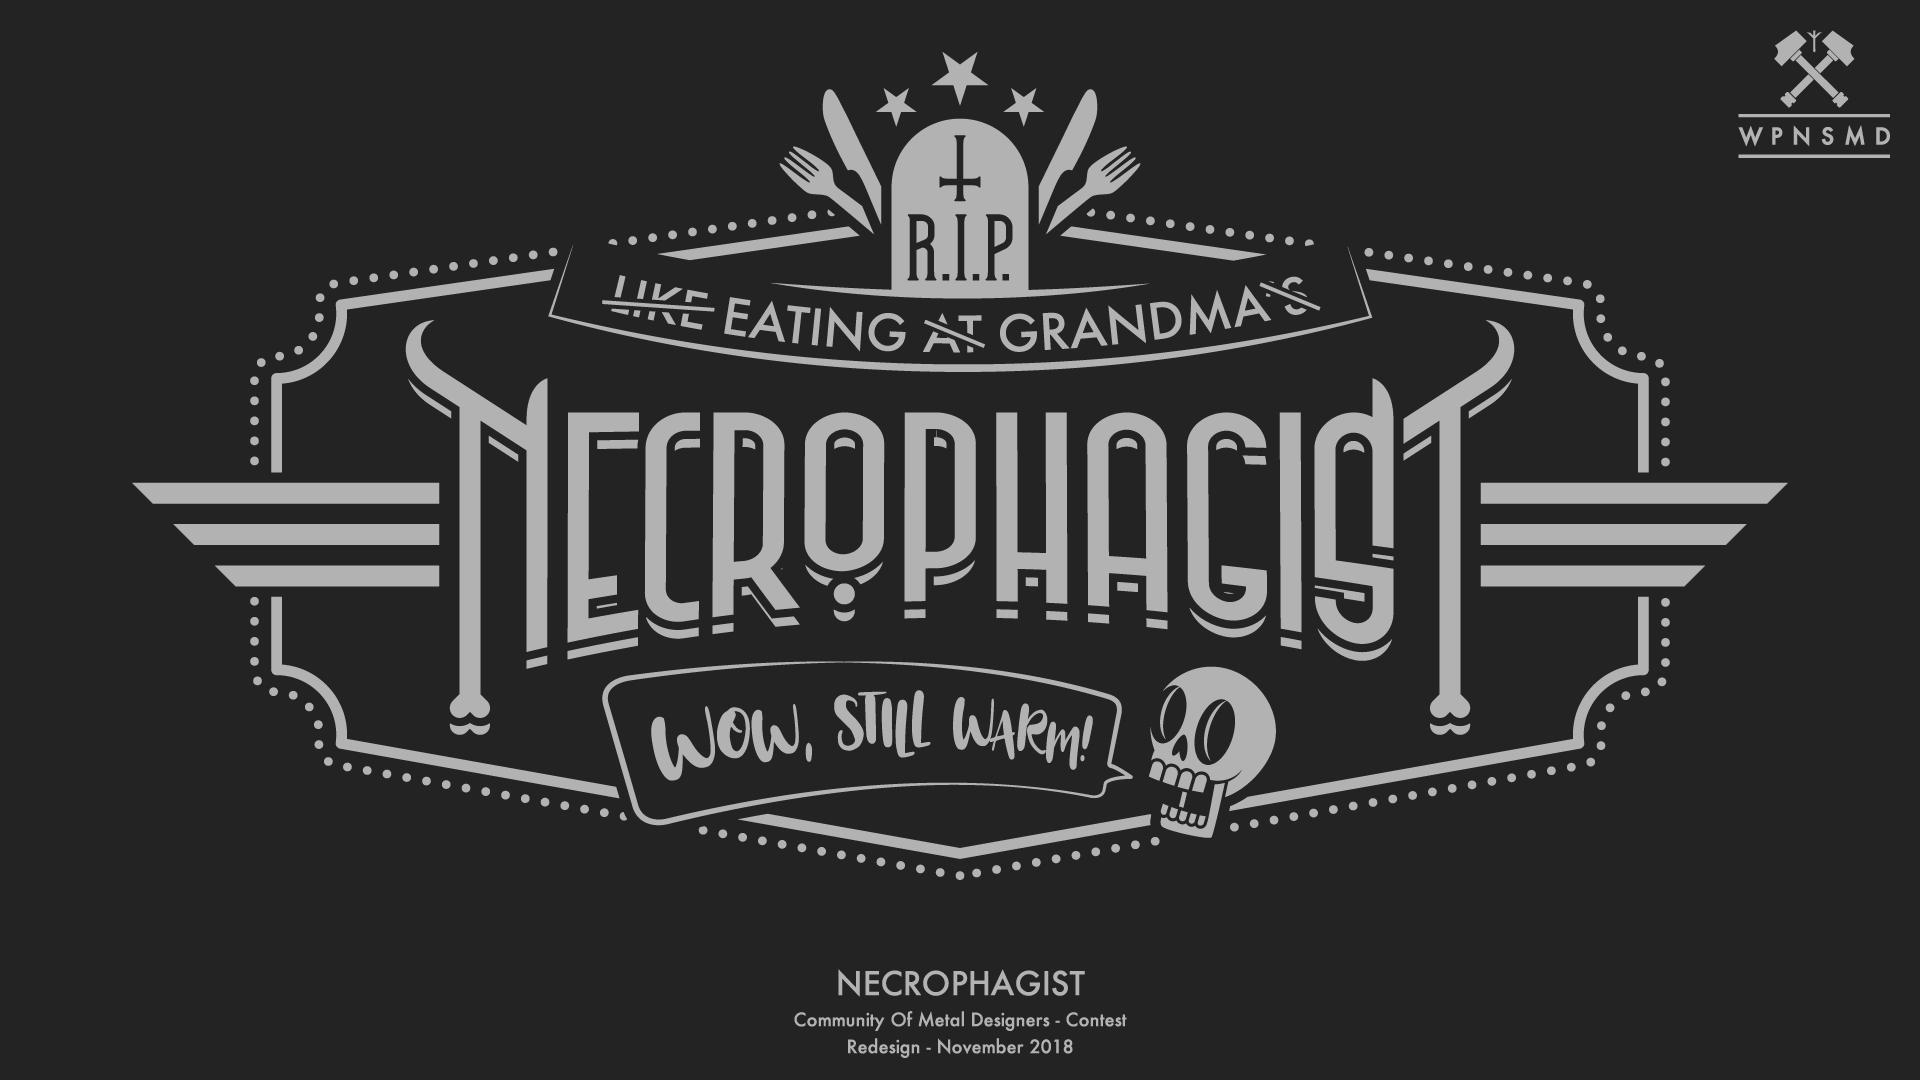 COMD_7_Necrophagist.jpg